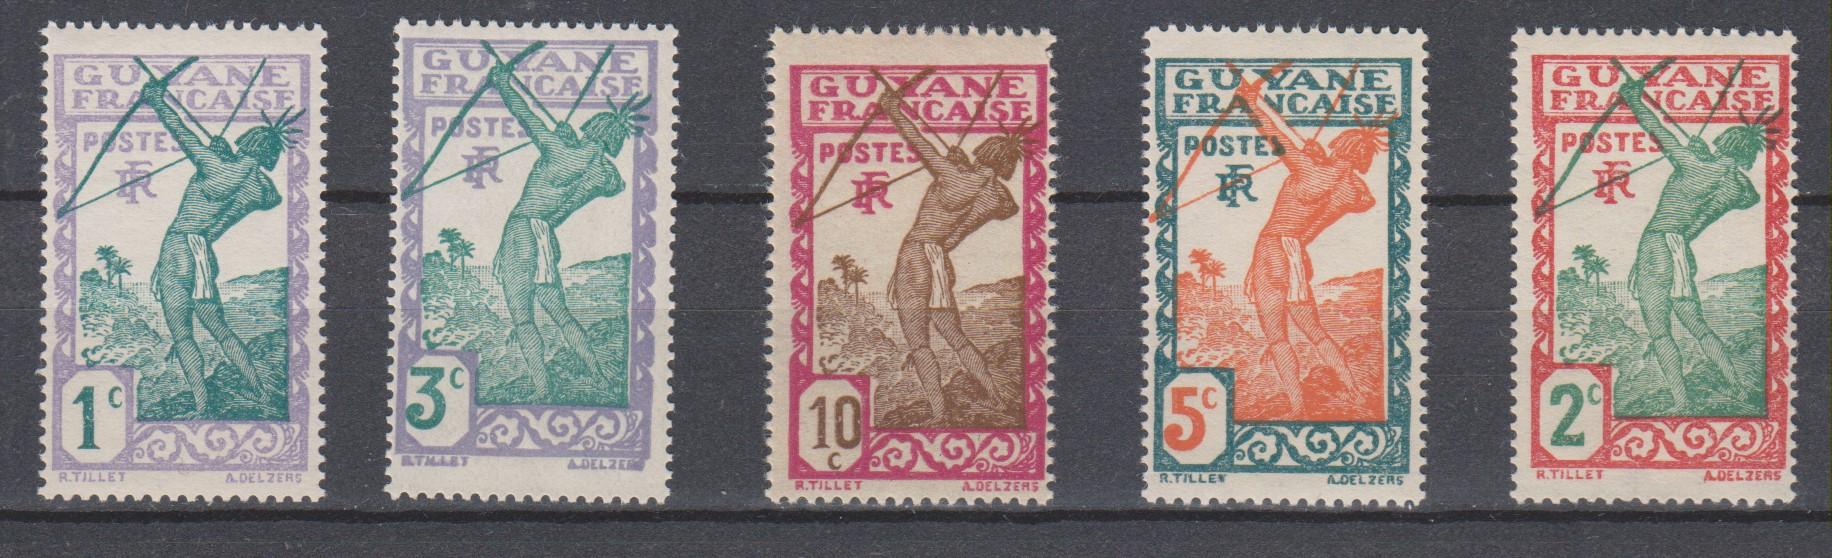 Guyane - Sélection de timbres neufs ** - Cote €1.50